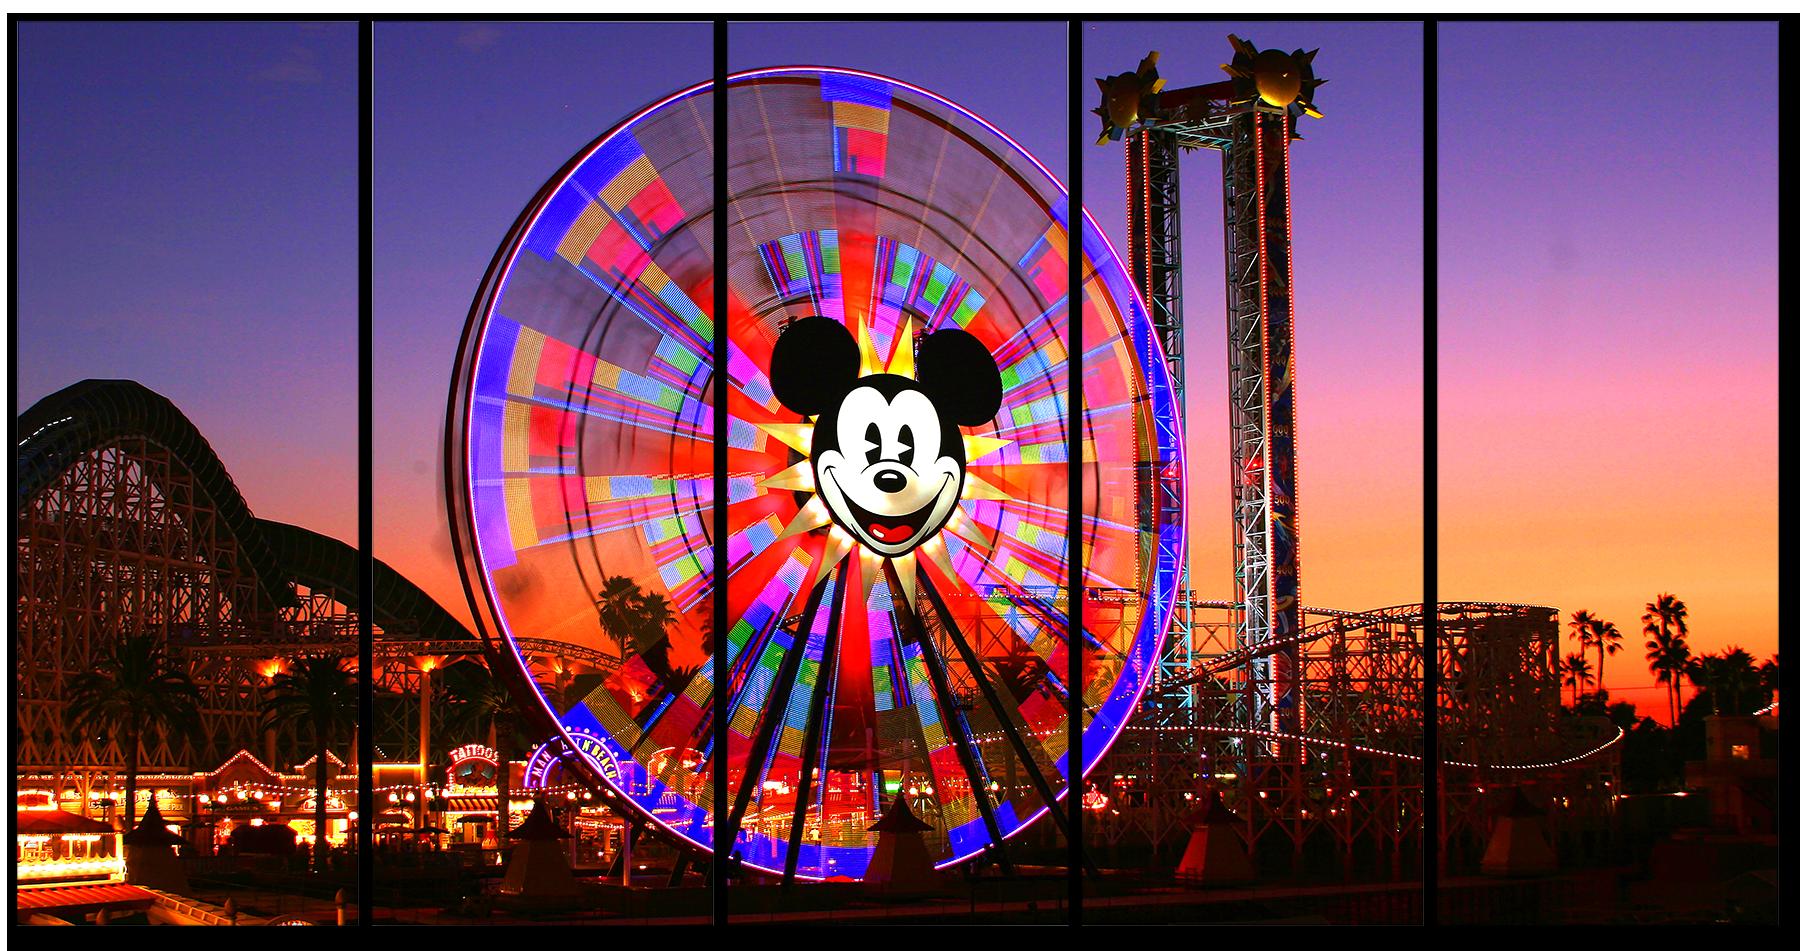 Mickeys fun wheel njq47o